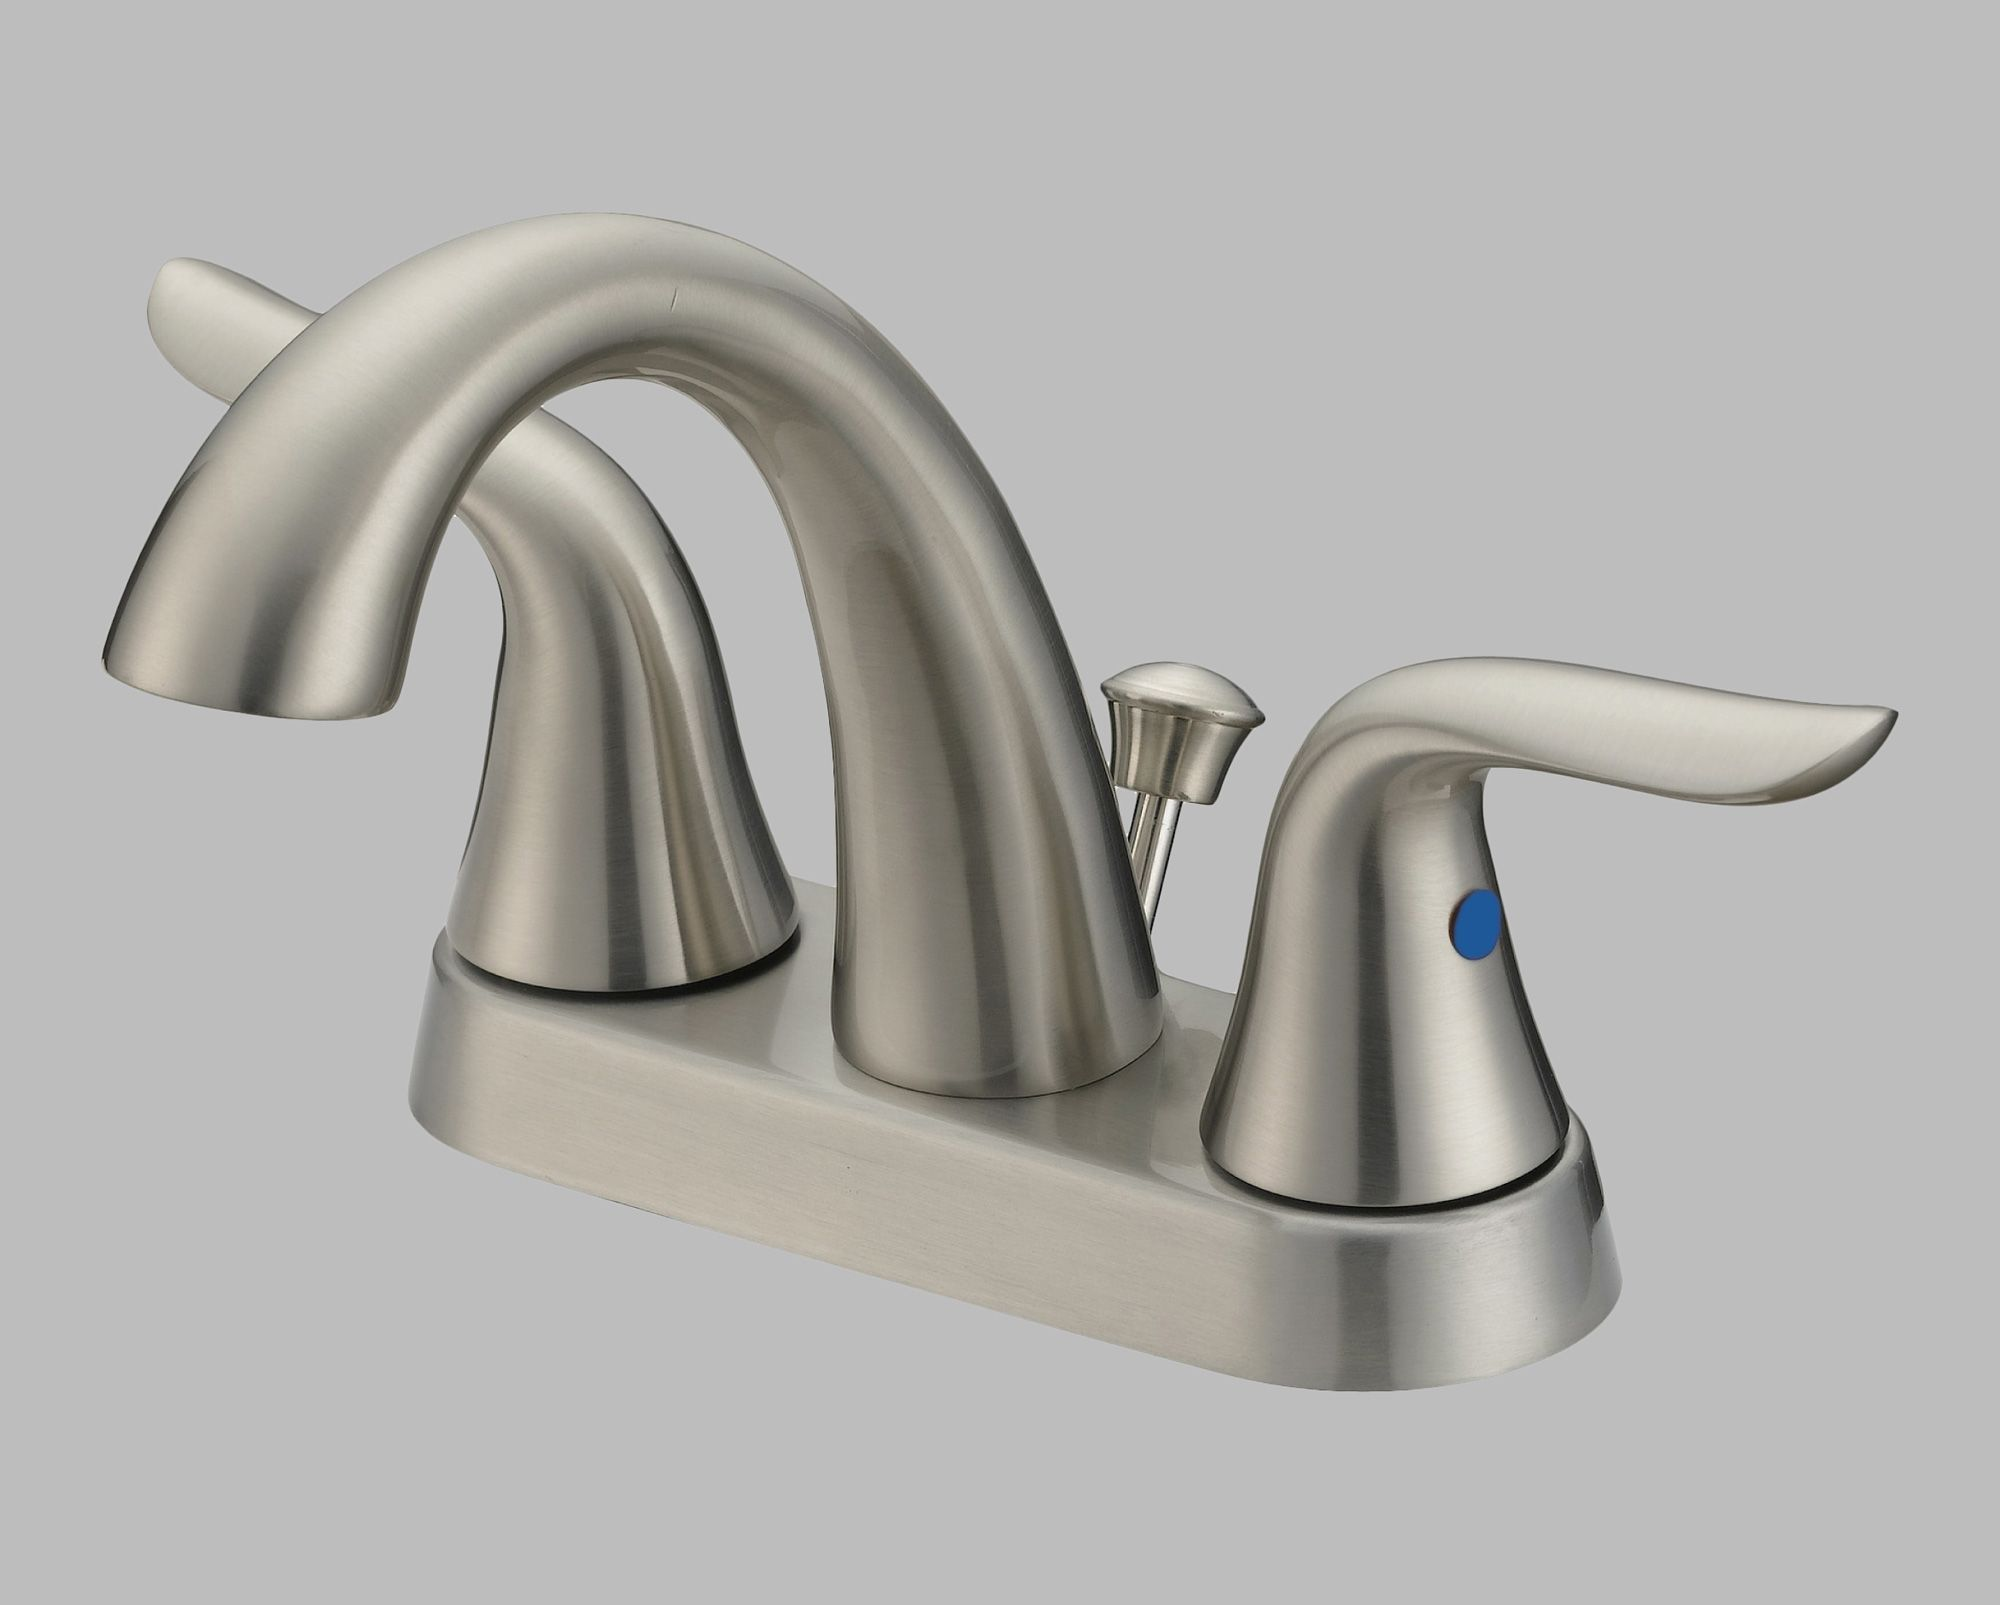 Essence Double Handle Widespread Bathroom Faucet Bathroom